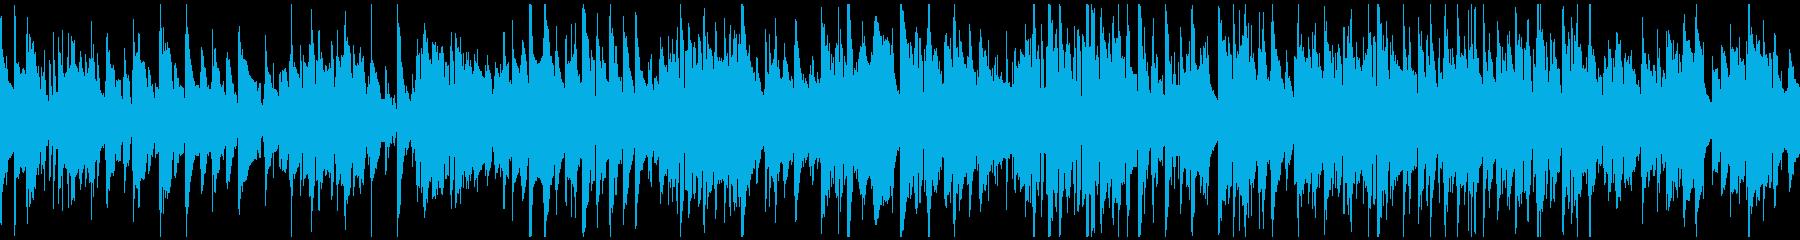 優しいジャズワルツ、サックス ※ループ版の再生済みの波形